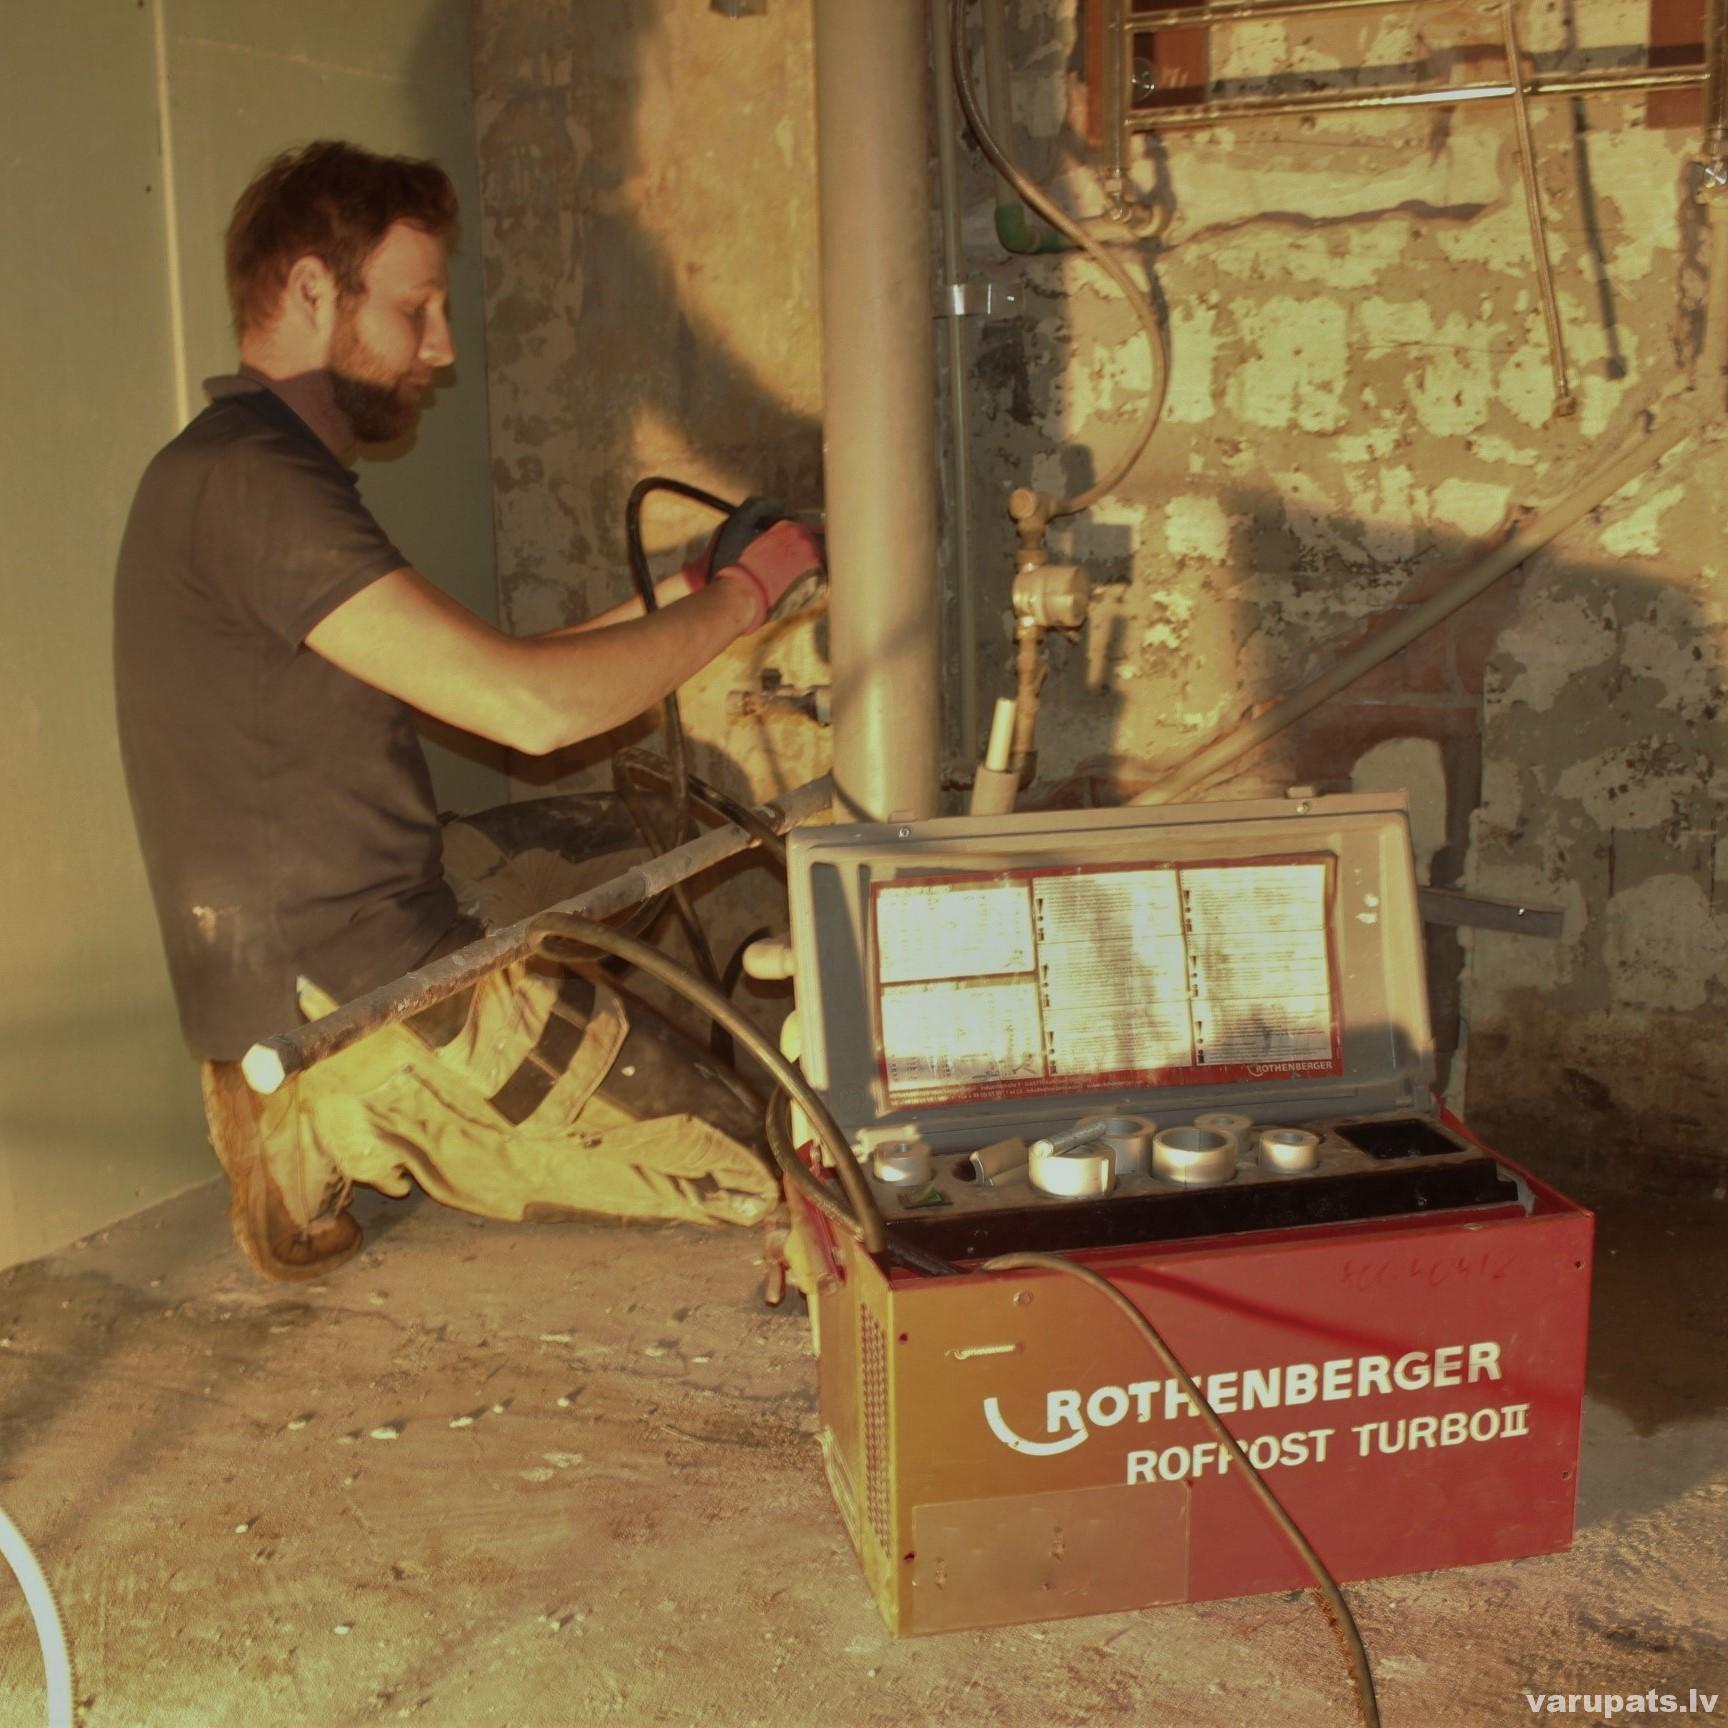 auruļu sasaldēšana, cauruļu nomaiņa sasaldējot caurules, rothenberg